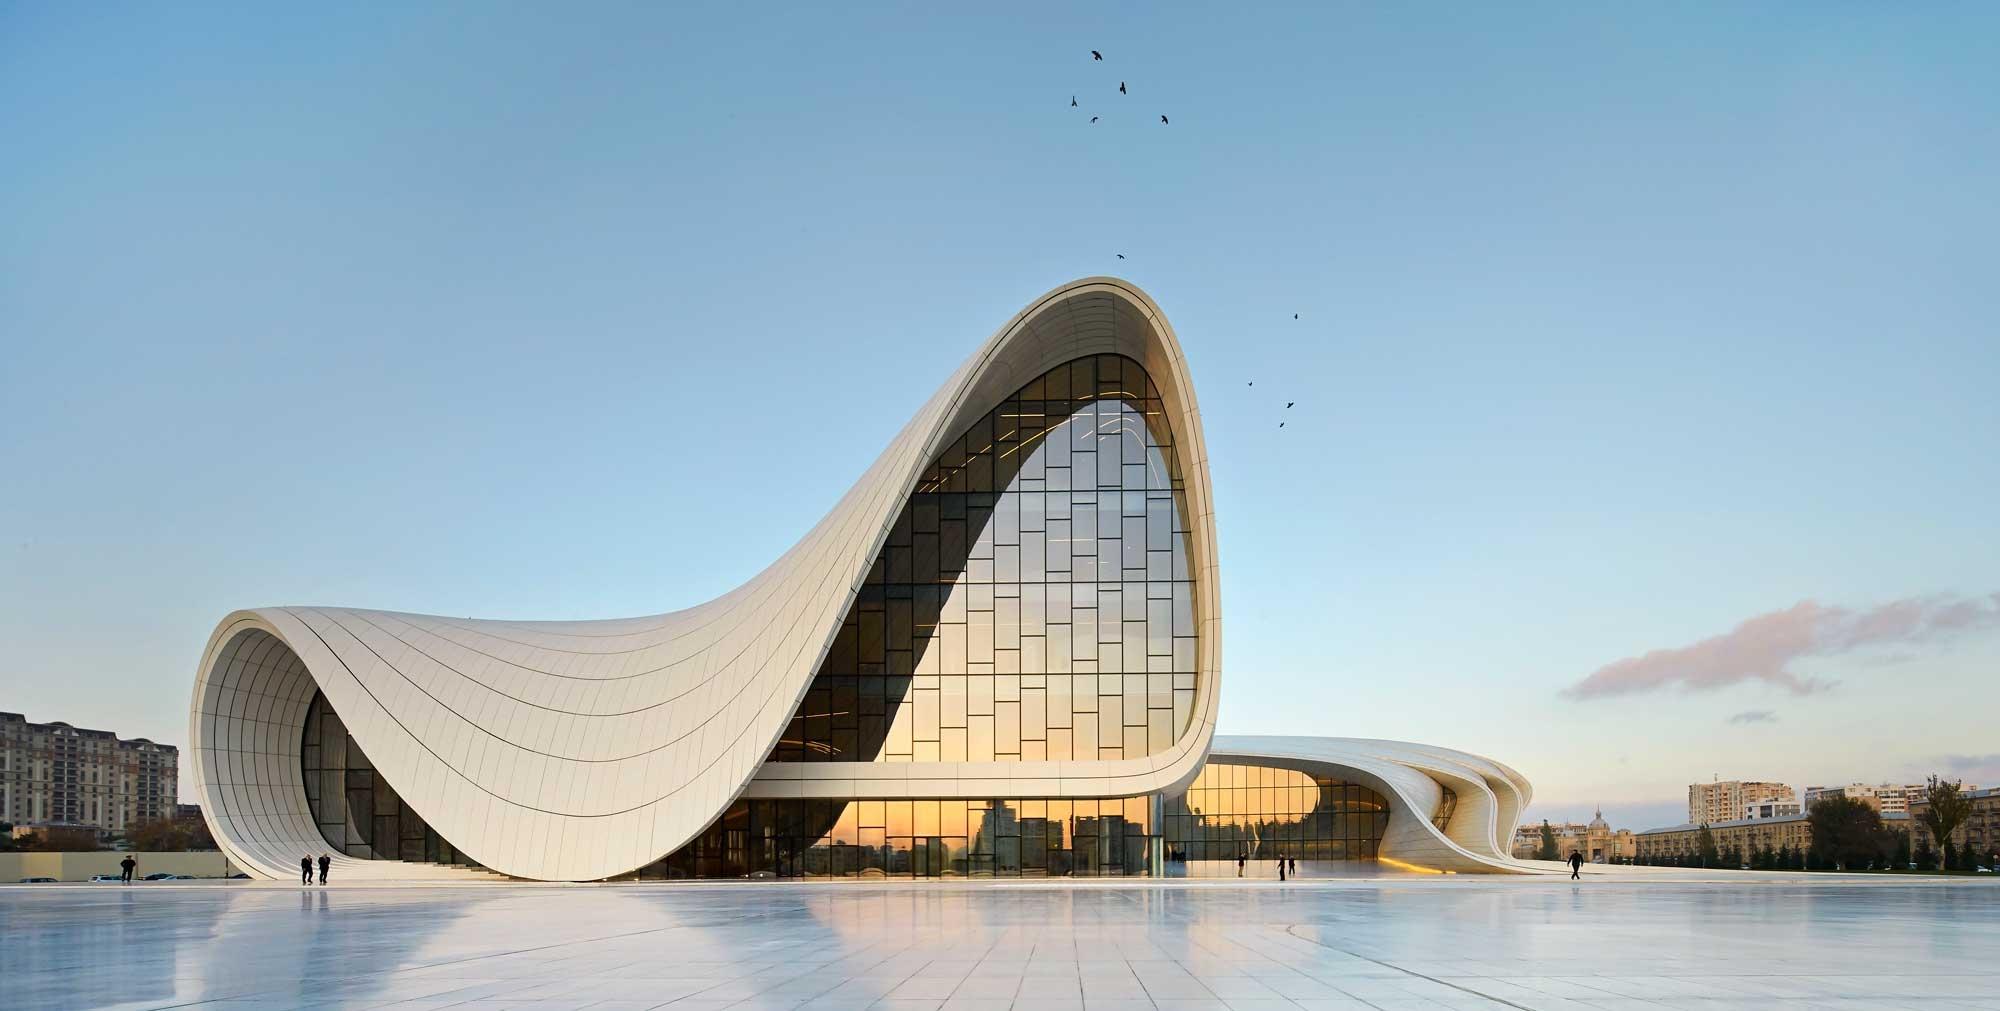 12. Heydar Aliyev Center Baku 2000x1011 c